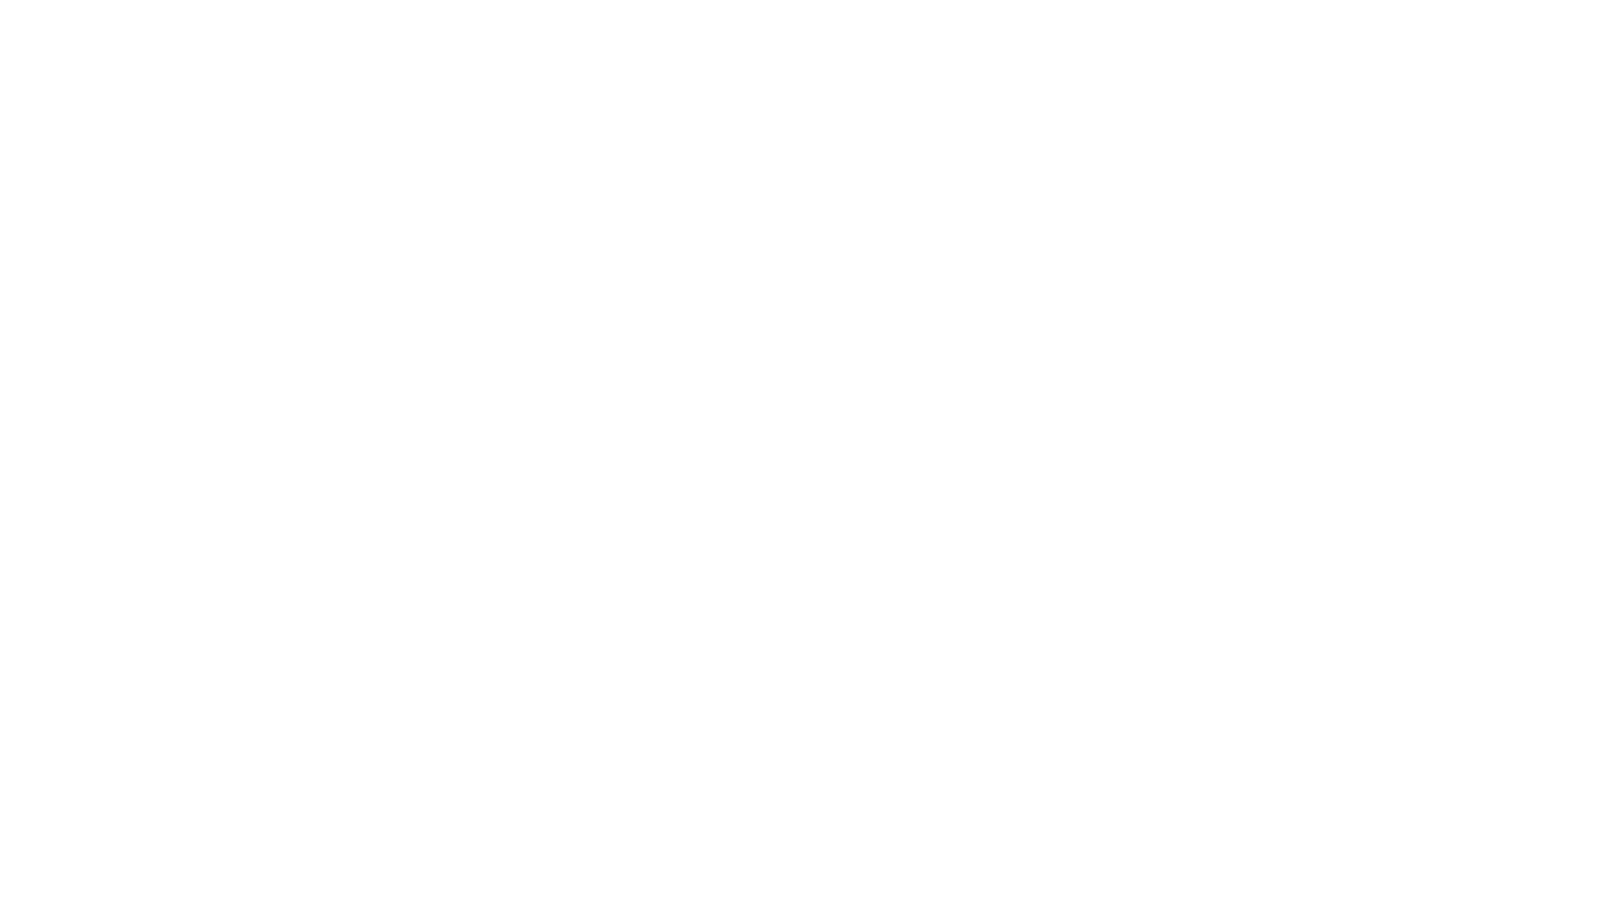 Есть ли у консультанта ограничения? Базовая безопасность в профессии - рассуждения на данную тему от Александра Рязанцева, практического психолога с 30-летним стажем.  Актуальные онлайн-курсы - https://school.aryazancev.ru/coursesnew  Профили в соцсетях:  Инстаграм - https://www.instagram.com/aryazancevru  Фейсбук - https://www.facebook.com/oooistic.spb  ВКонтакте - https://vk.com/fenomen_istik  Официальный сайт - https://aryazancev.ru